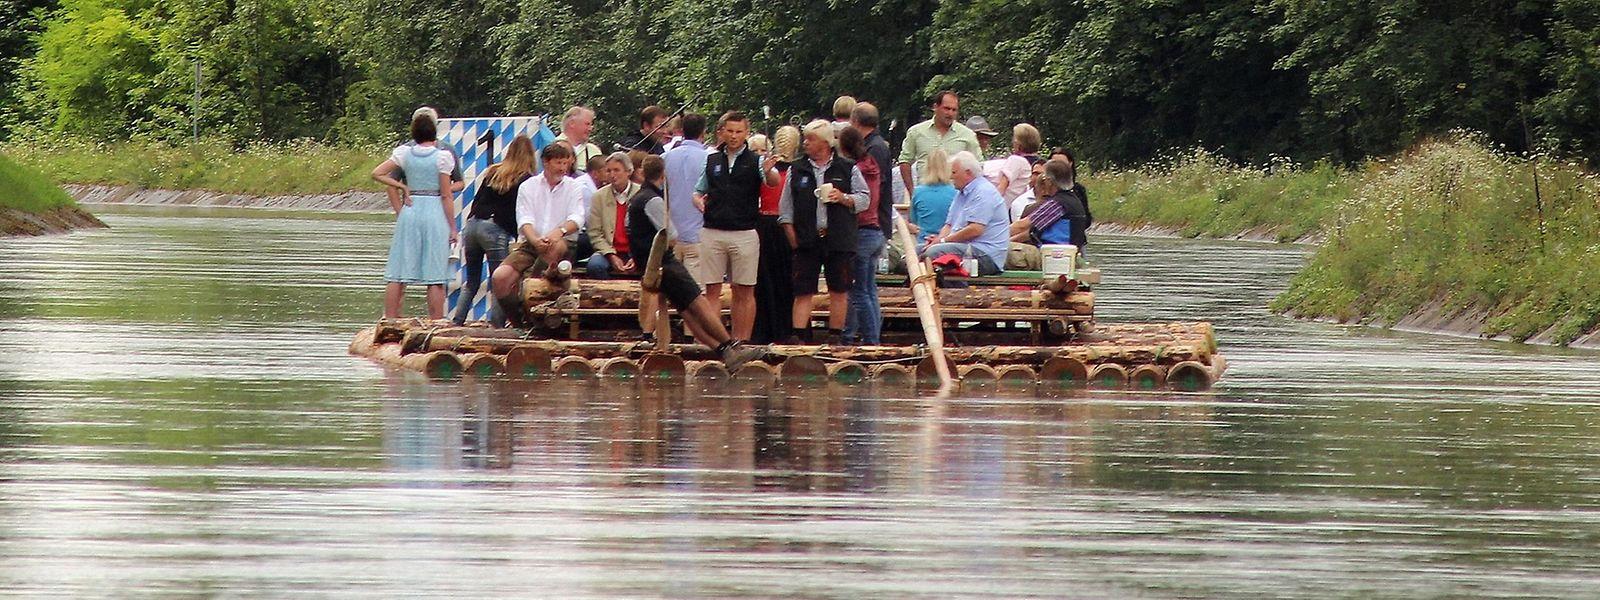 Über 28 Kilometer führt die Floßfahrt für die Touristen von Wolfratshausen nach München.